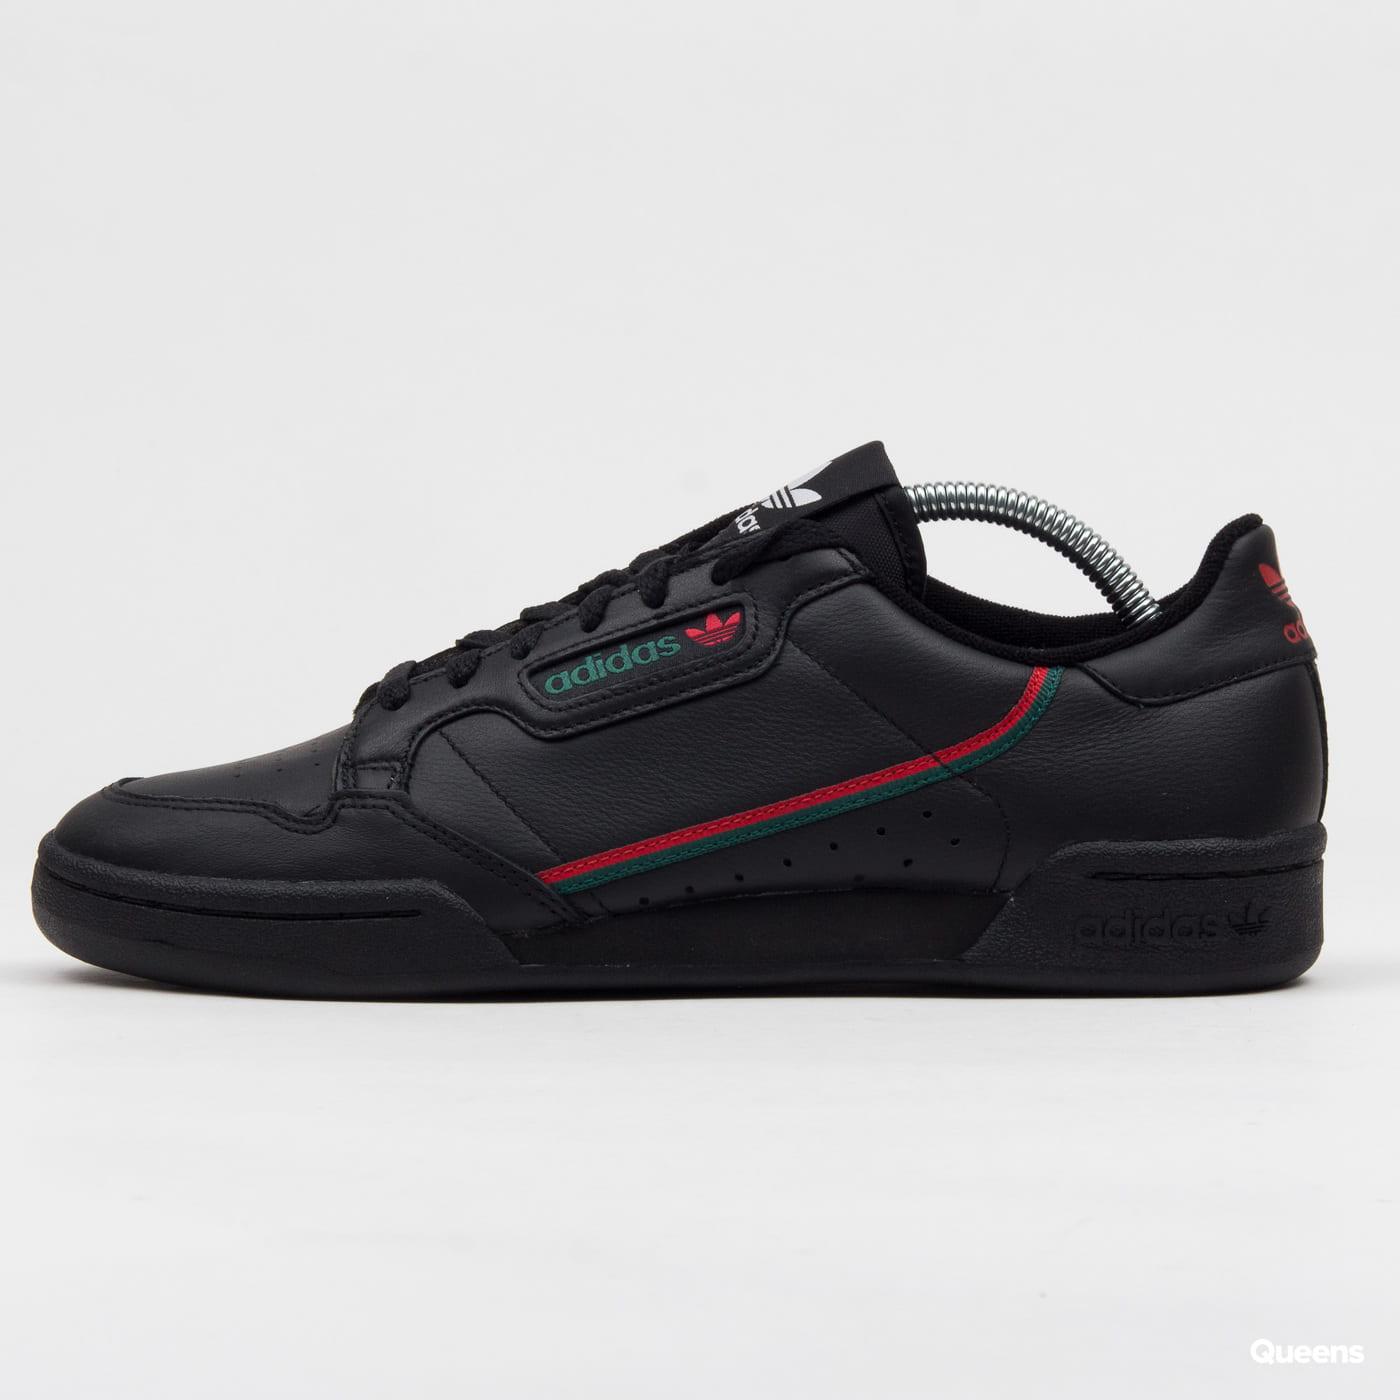 adidas Originals Continental 80 cblack / scarlet / cgreen